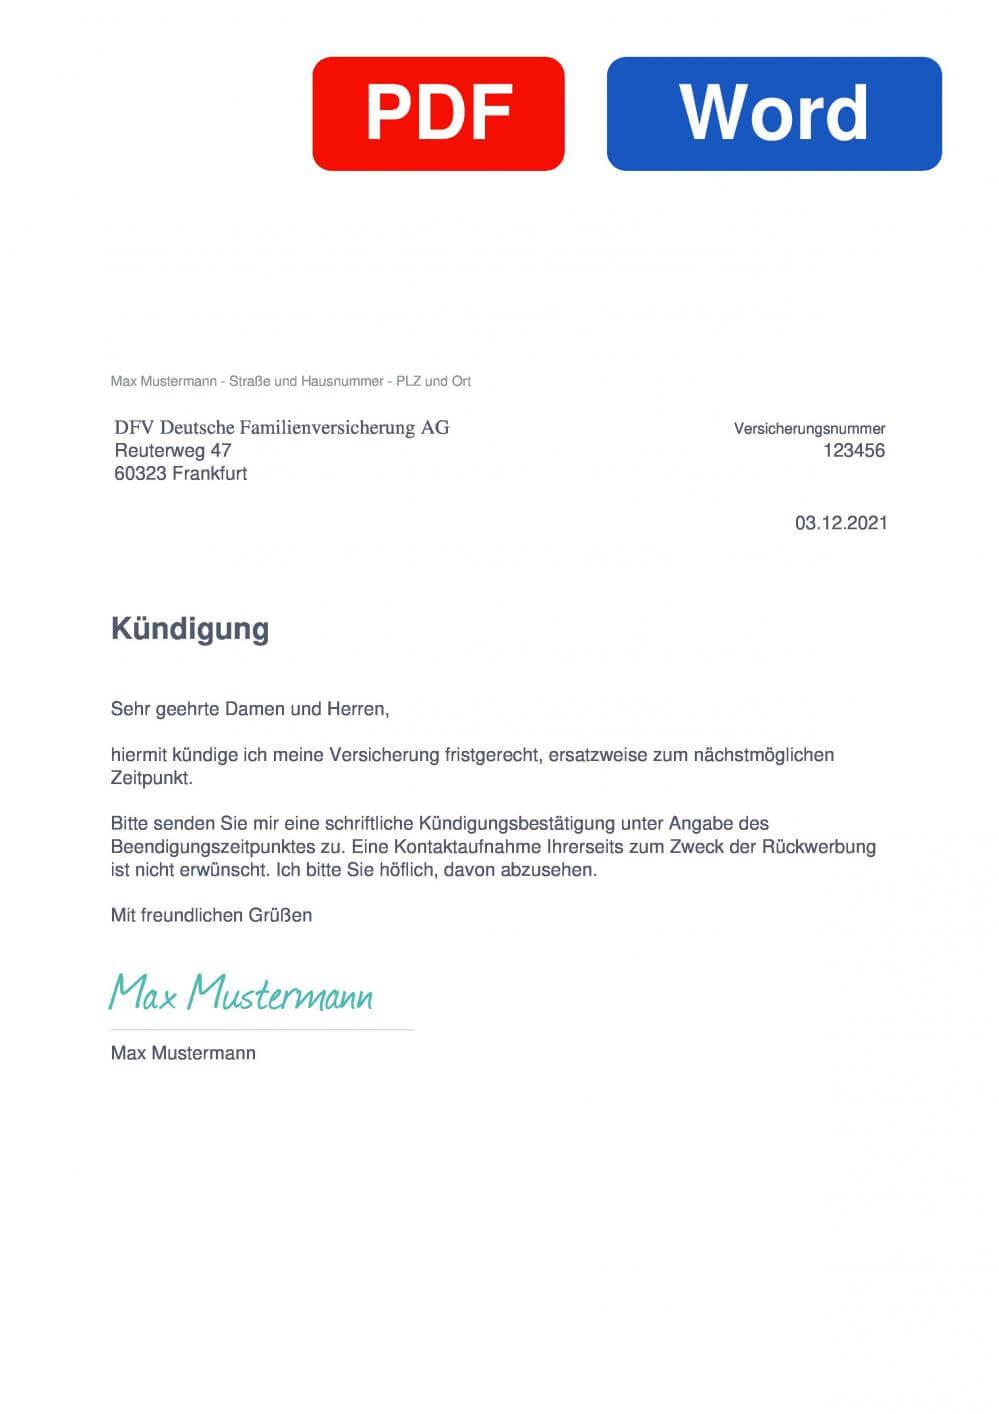 DFV Deutsche Familienversicherung AG Muster Vorlage für Kündigungsschreiben